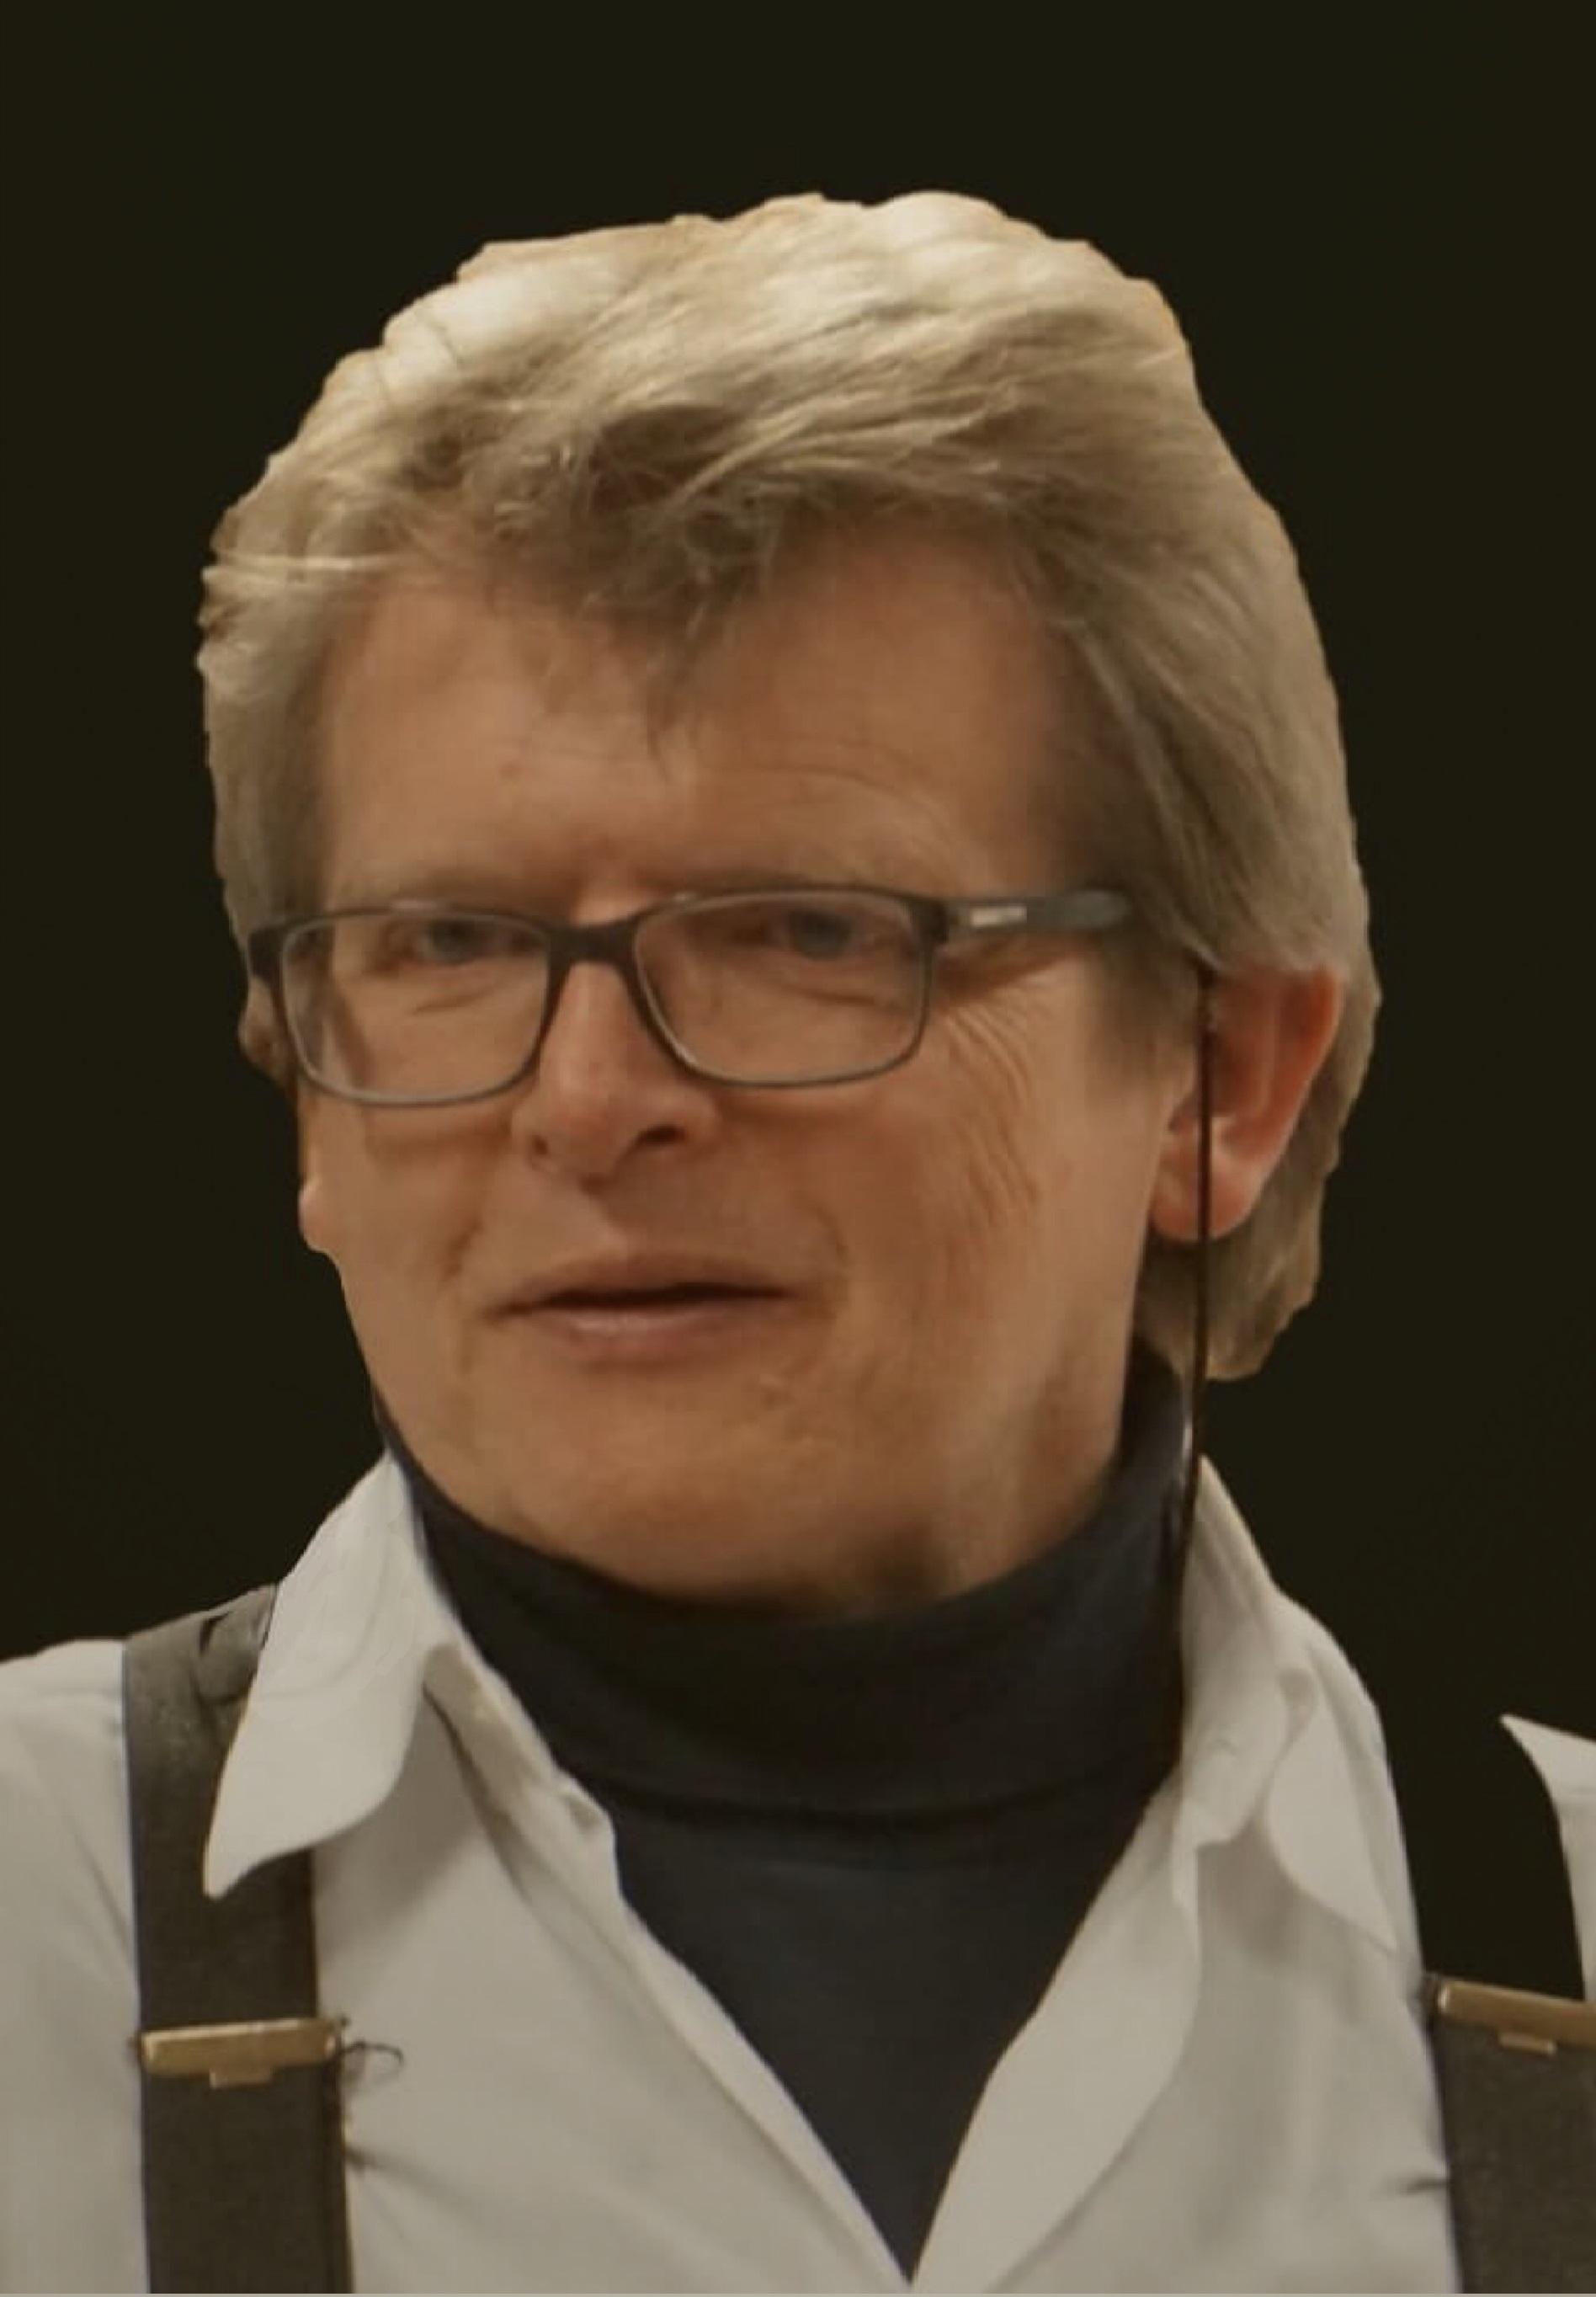 Damian H. Siegmund